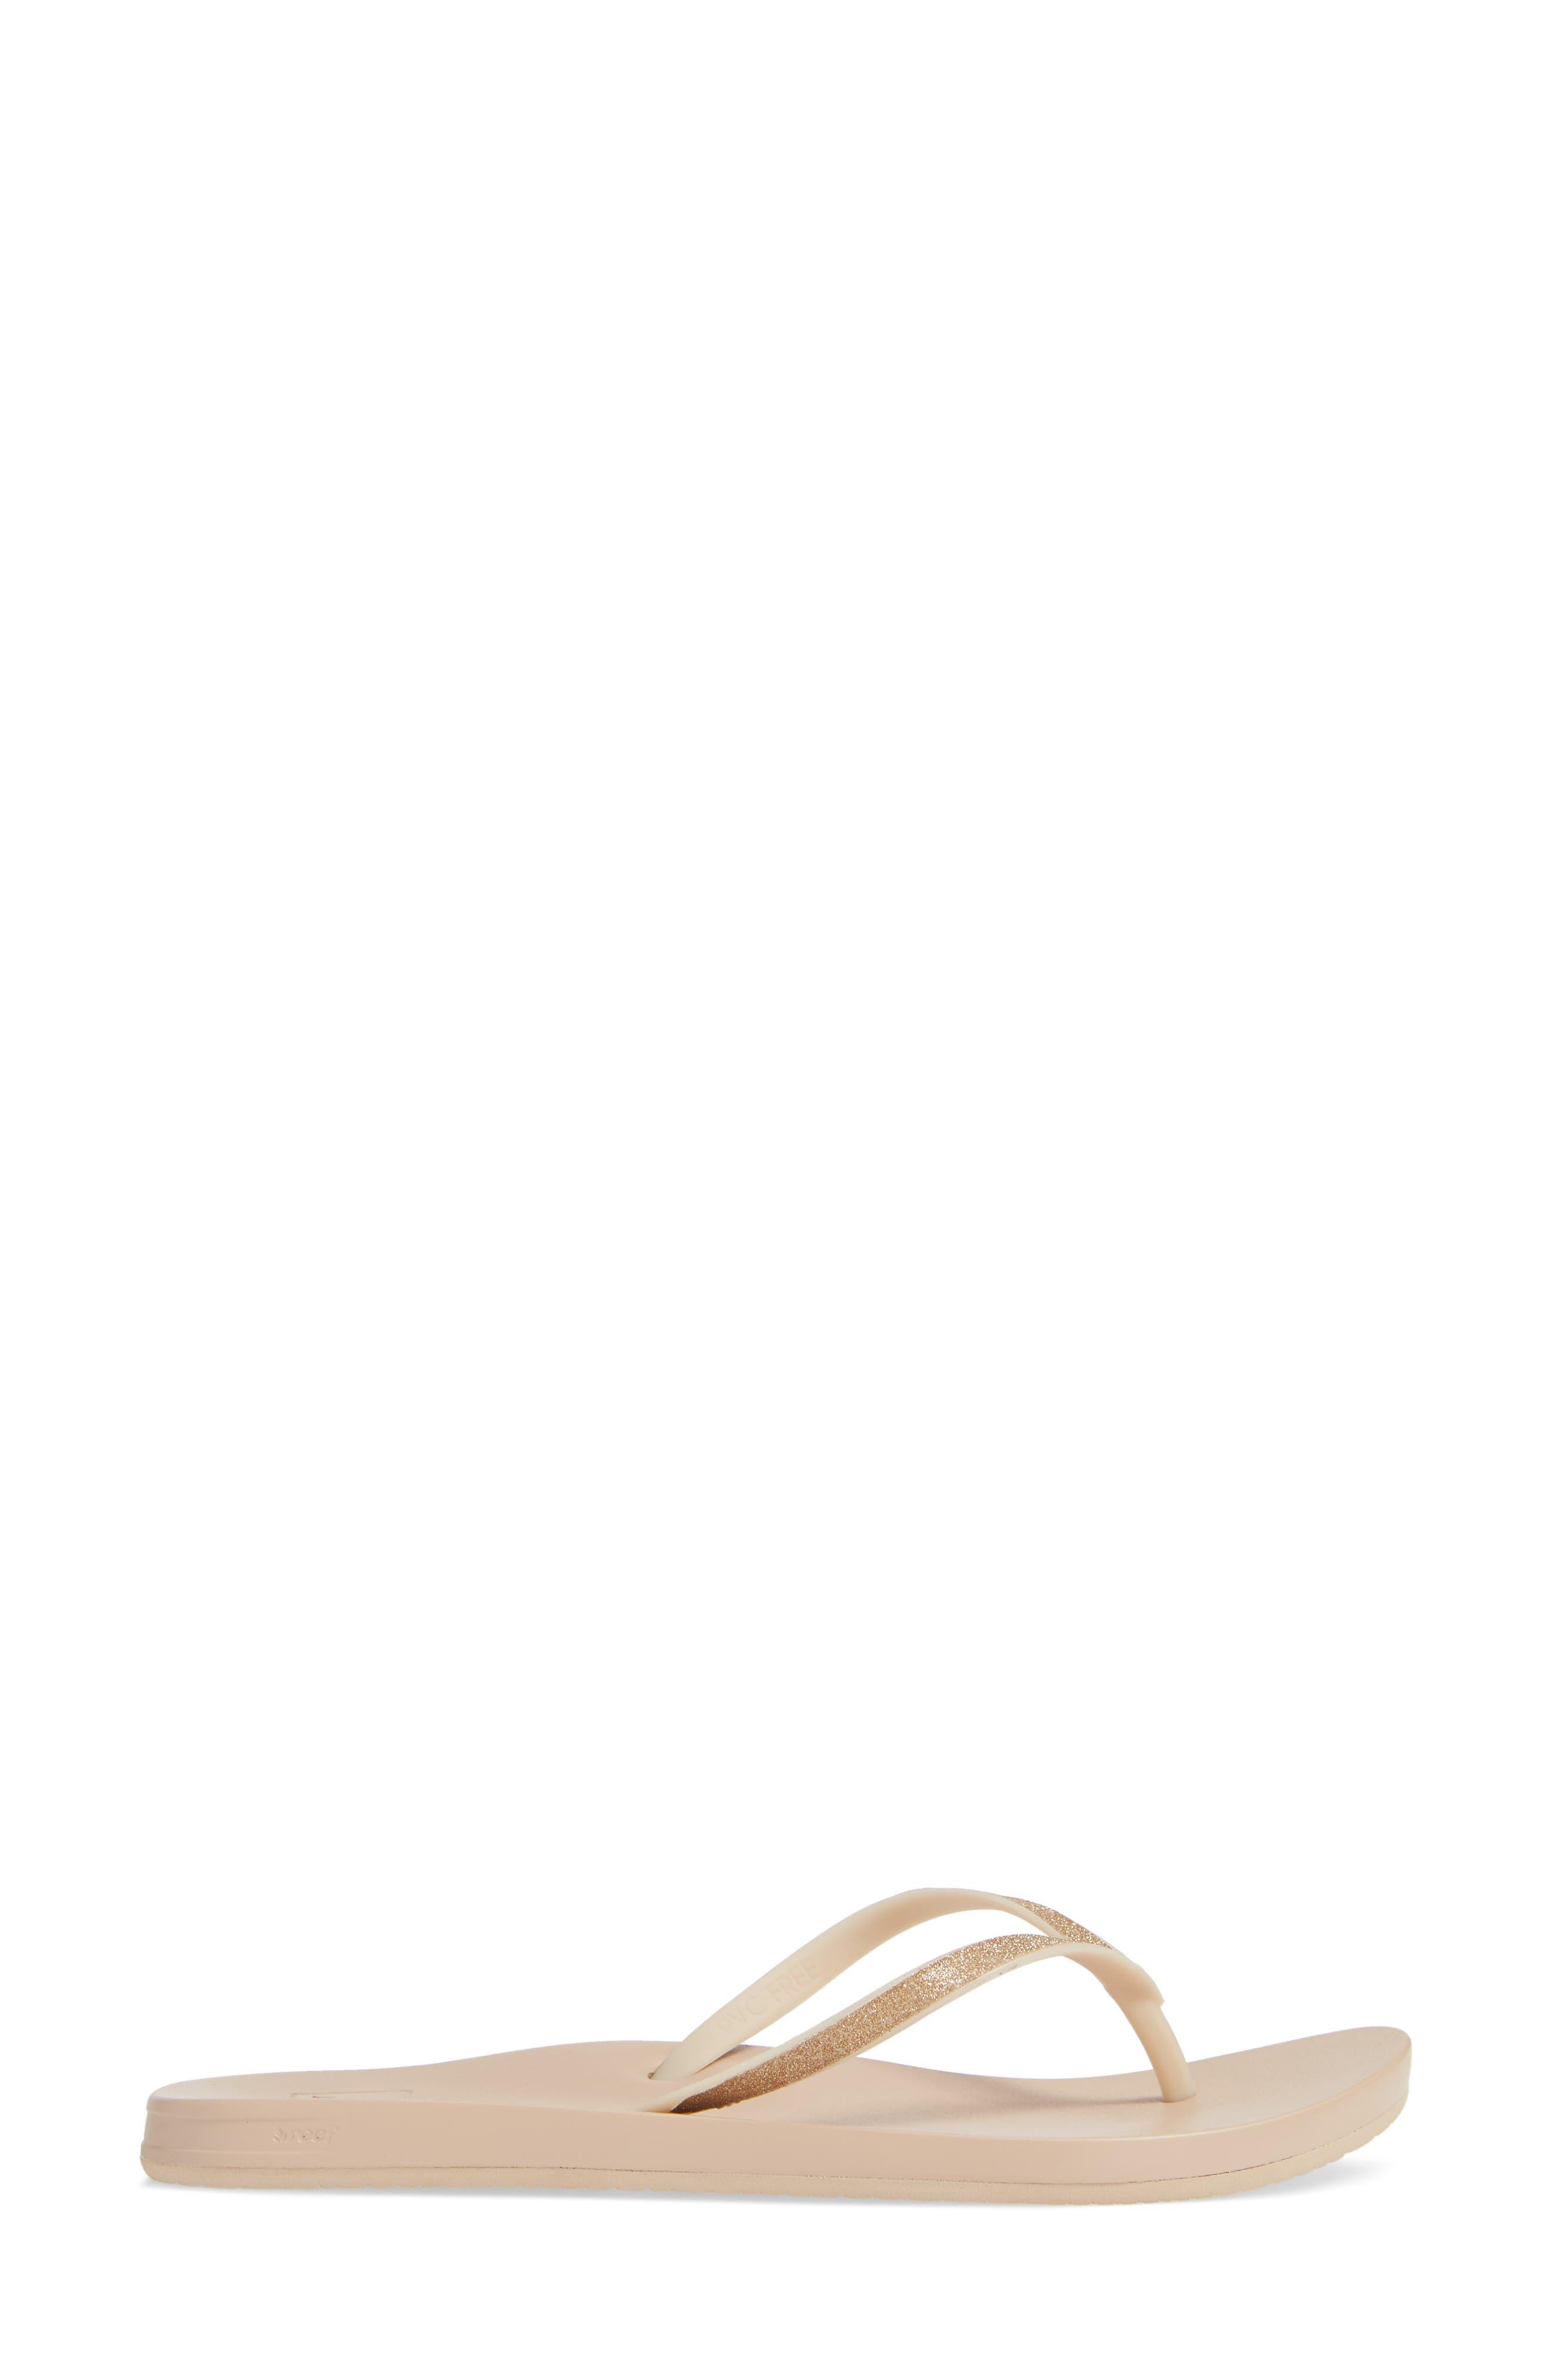 Cushion Bounce Stargazer Flip Flop,                             Alternate thumbnail 3, color,                             FRAPPE